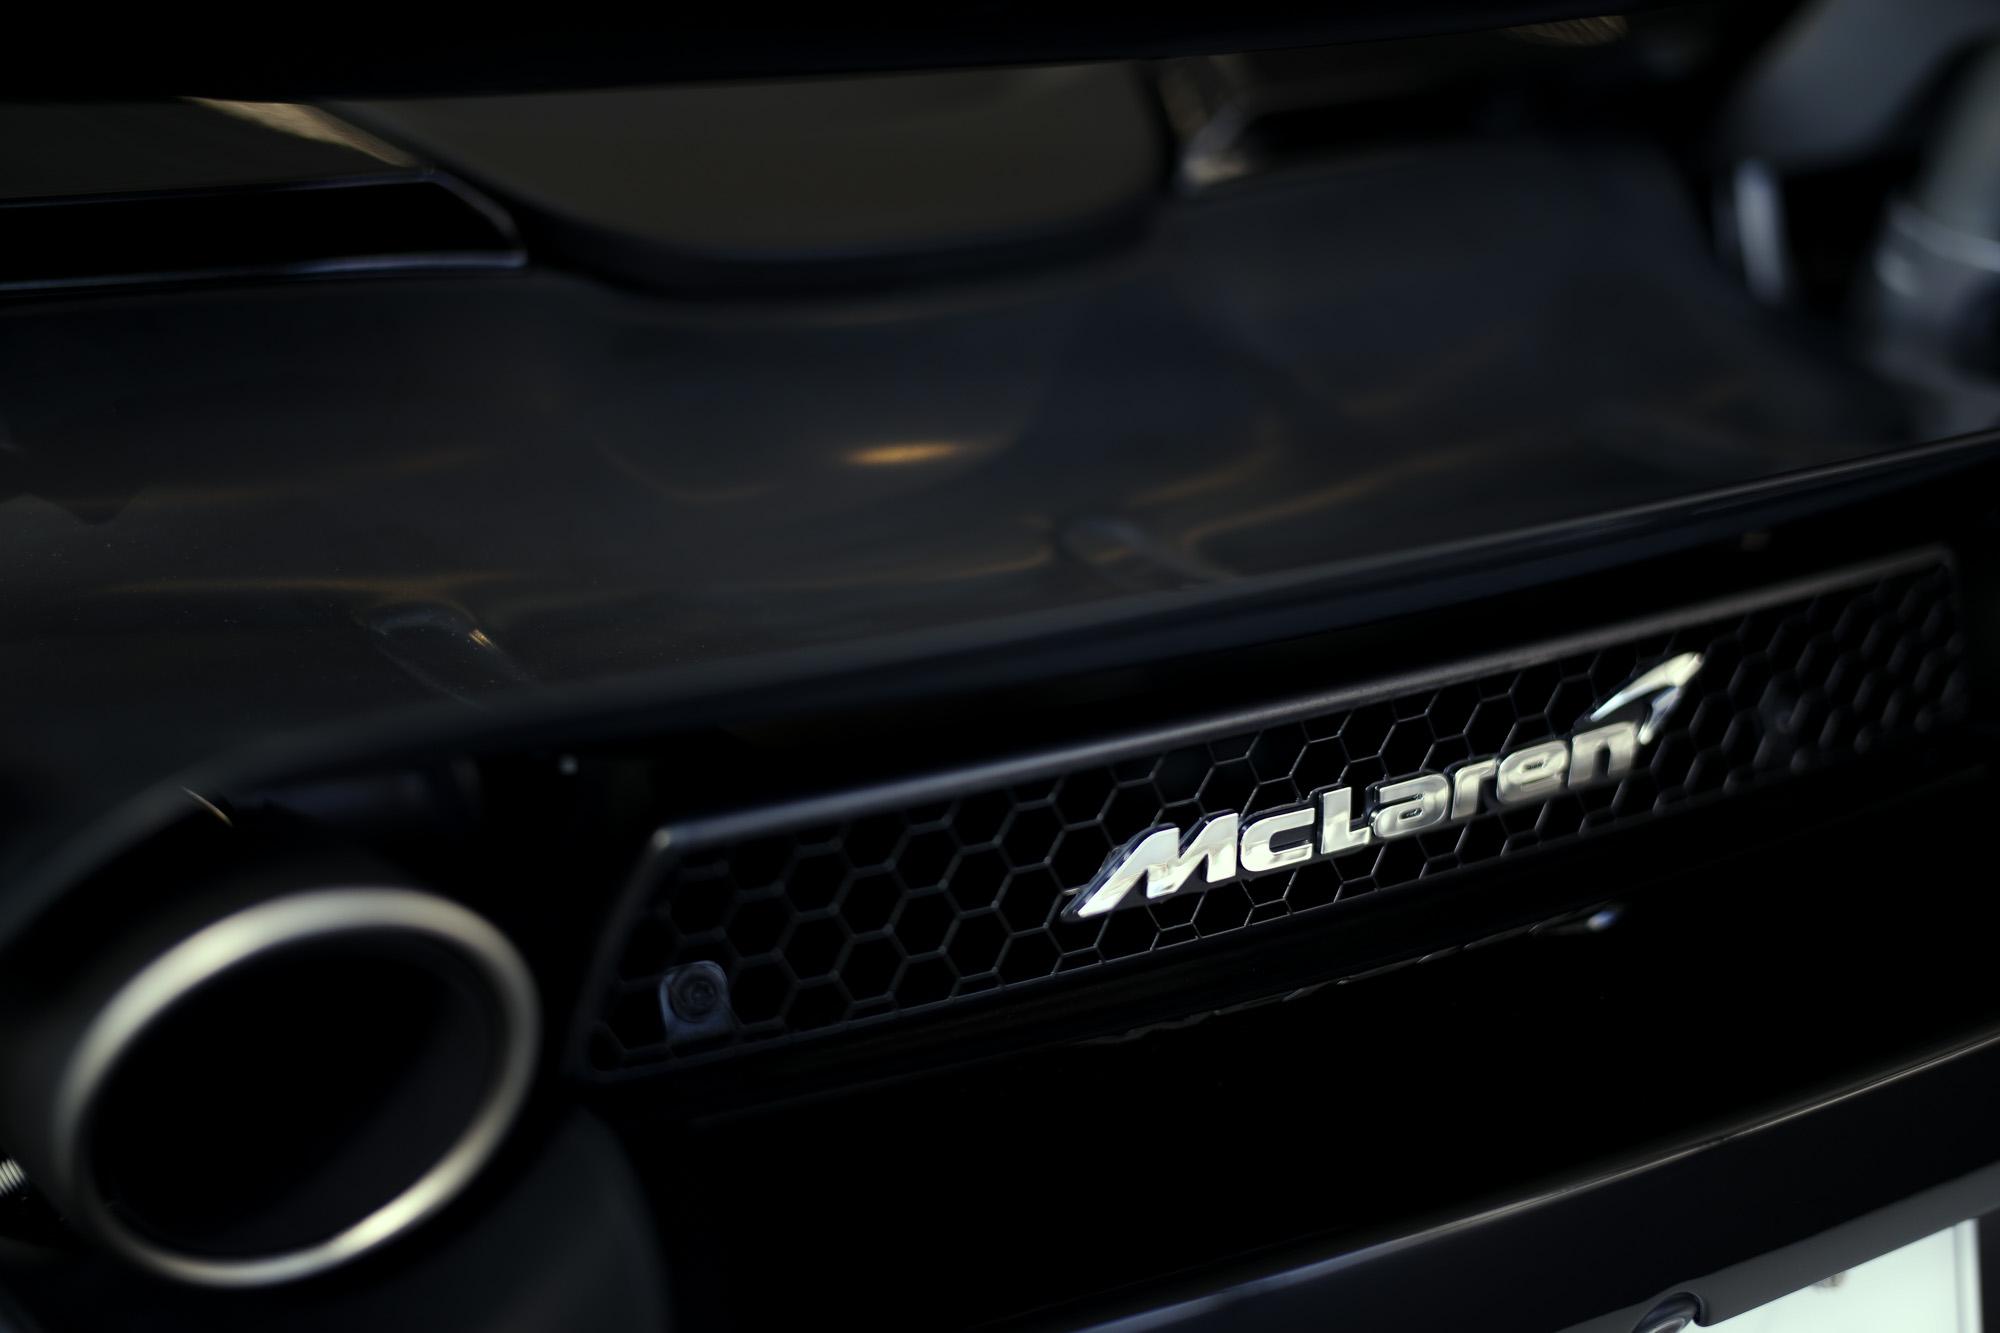 Mclaren 720S マクラーレン 720S 愛知 名古屋 LEICA LEICAM10-P ASC100 EDITION ライカM10-P